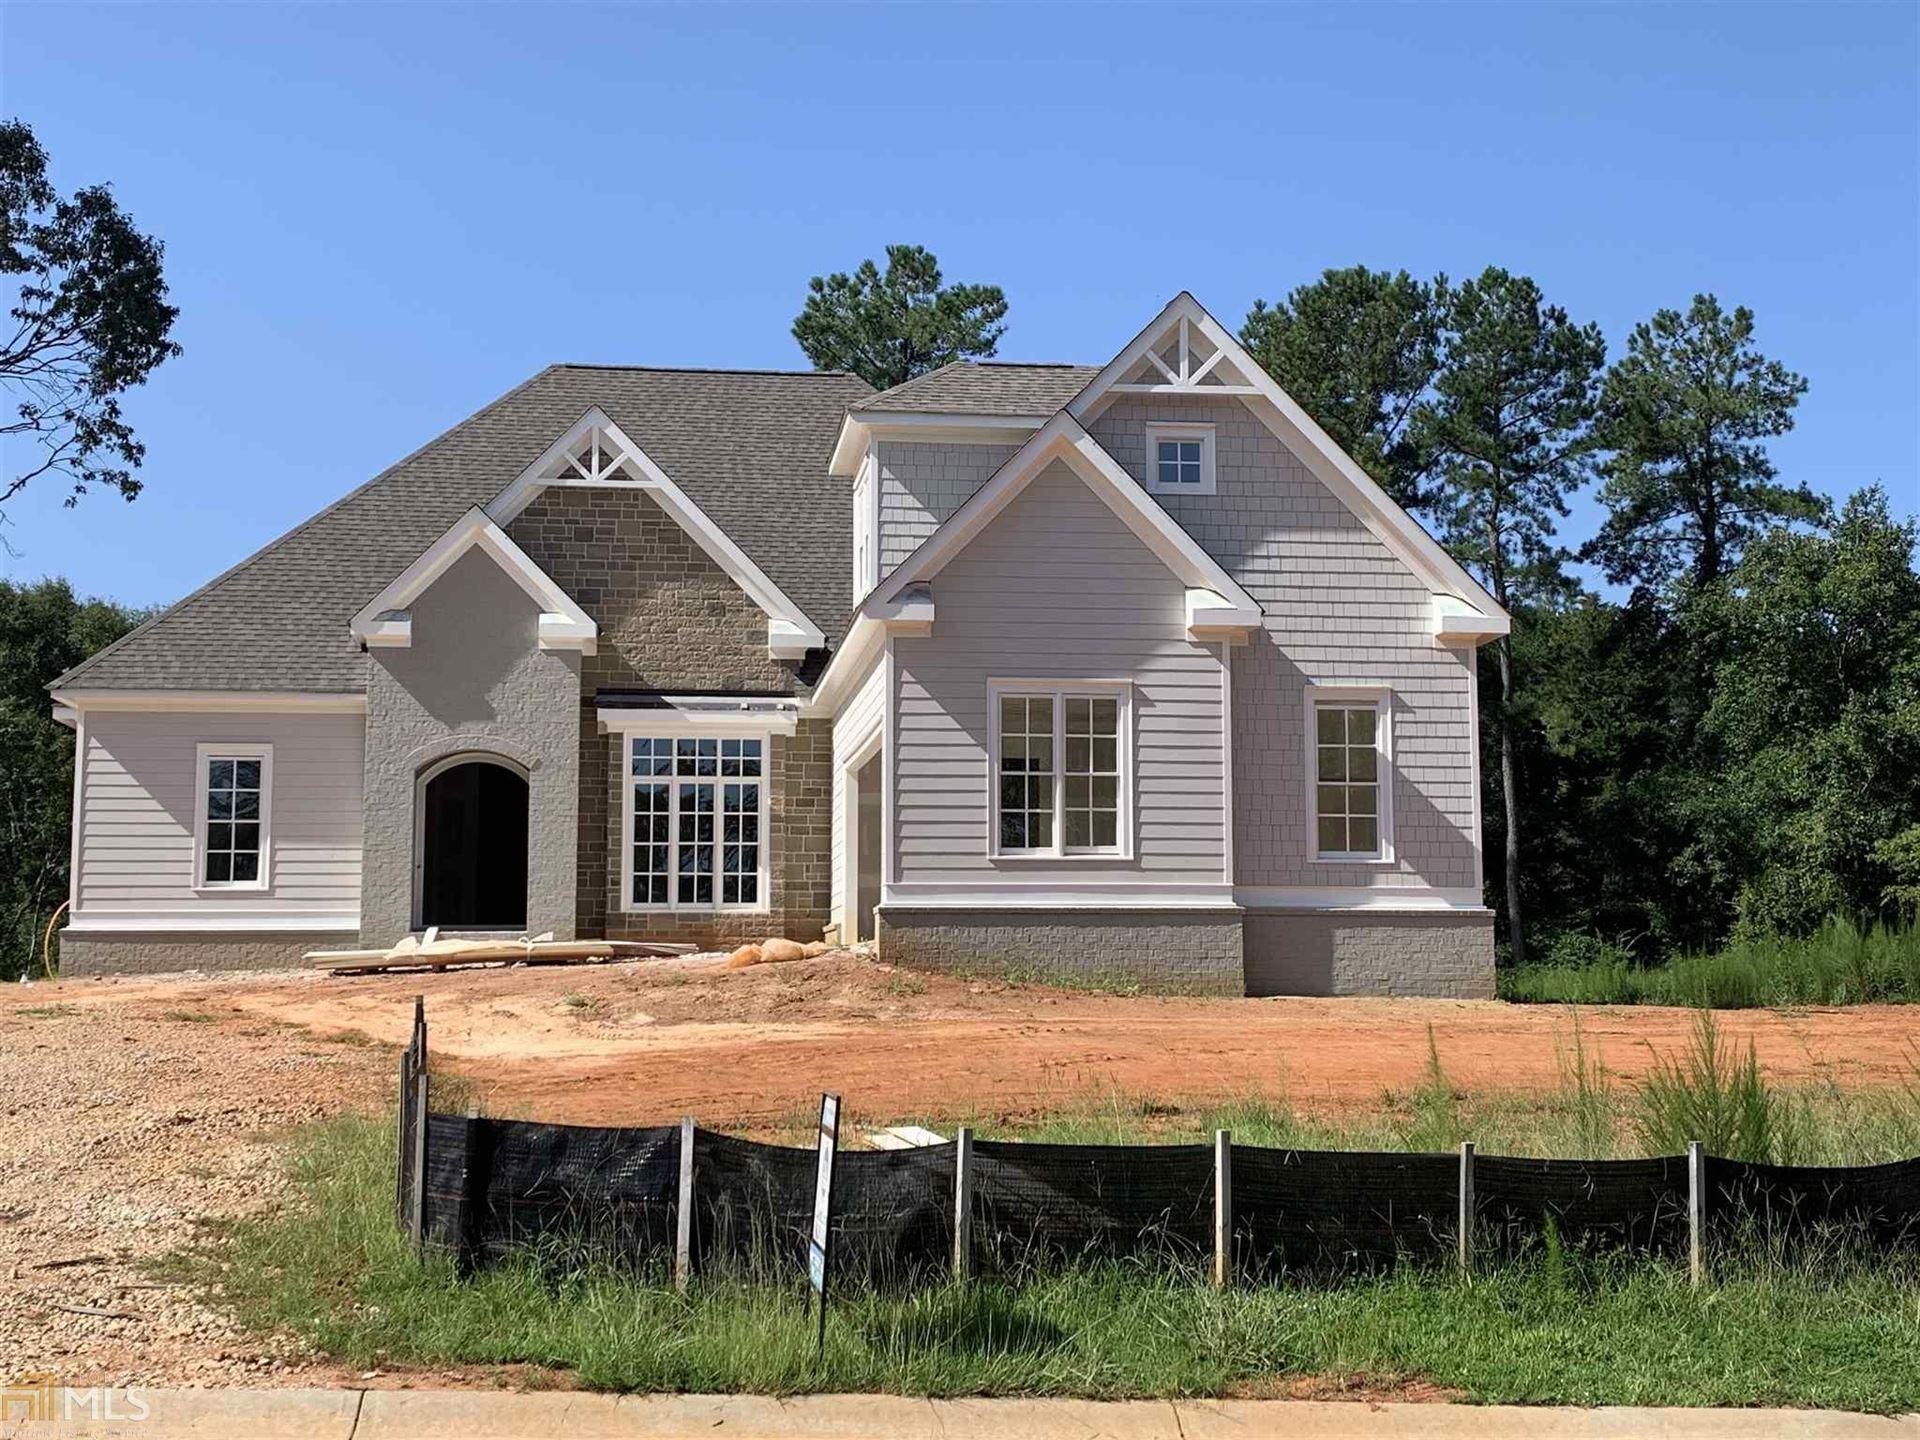 1584 Spartan Estates Dr, Athens, GA 30606 - #: 8658300